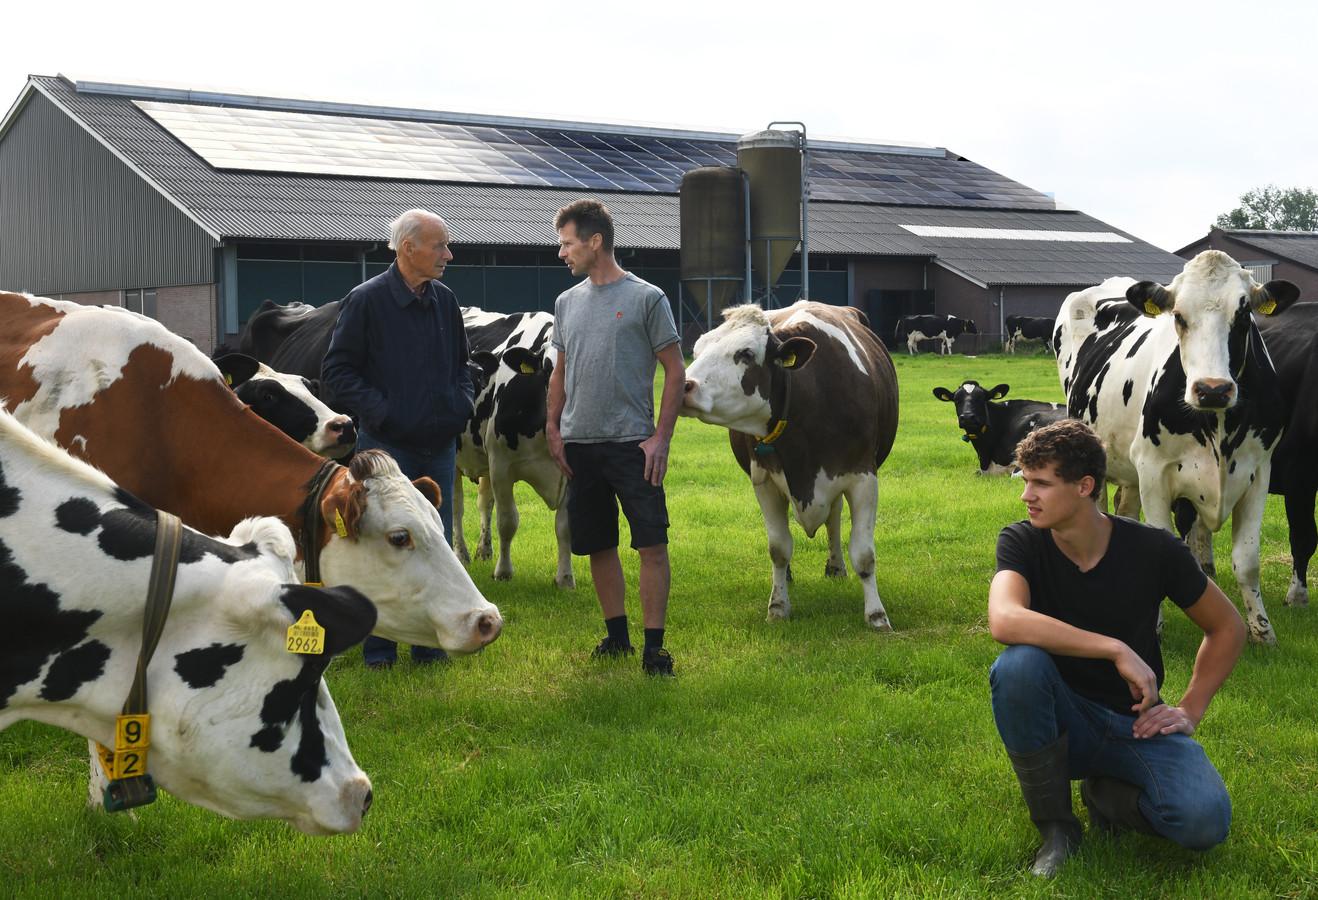 Landschapsbeschermer Wim van der Putten (links) op het melkveebedrijf van Dick Vink (rechts) in Lopik, die al een staldak vol zonnepanelen heeft. Op de voorgrond oudste zoon en bedrijfsopvolger Stefan.